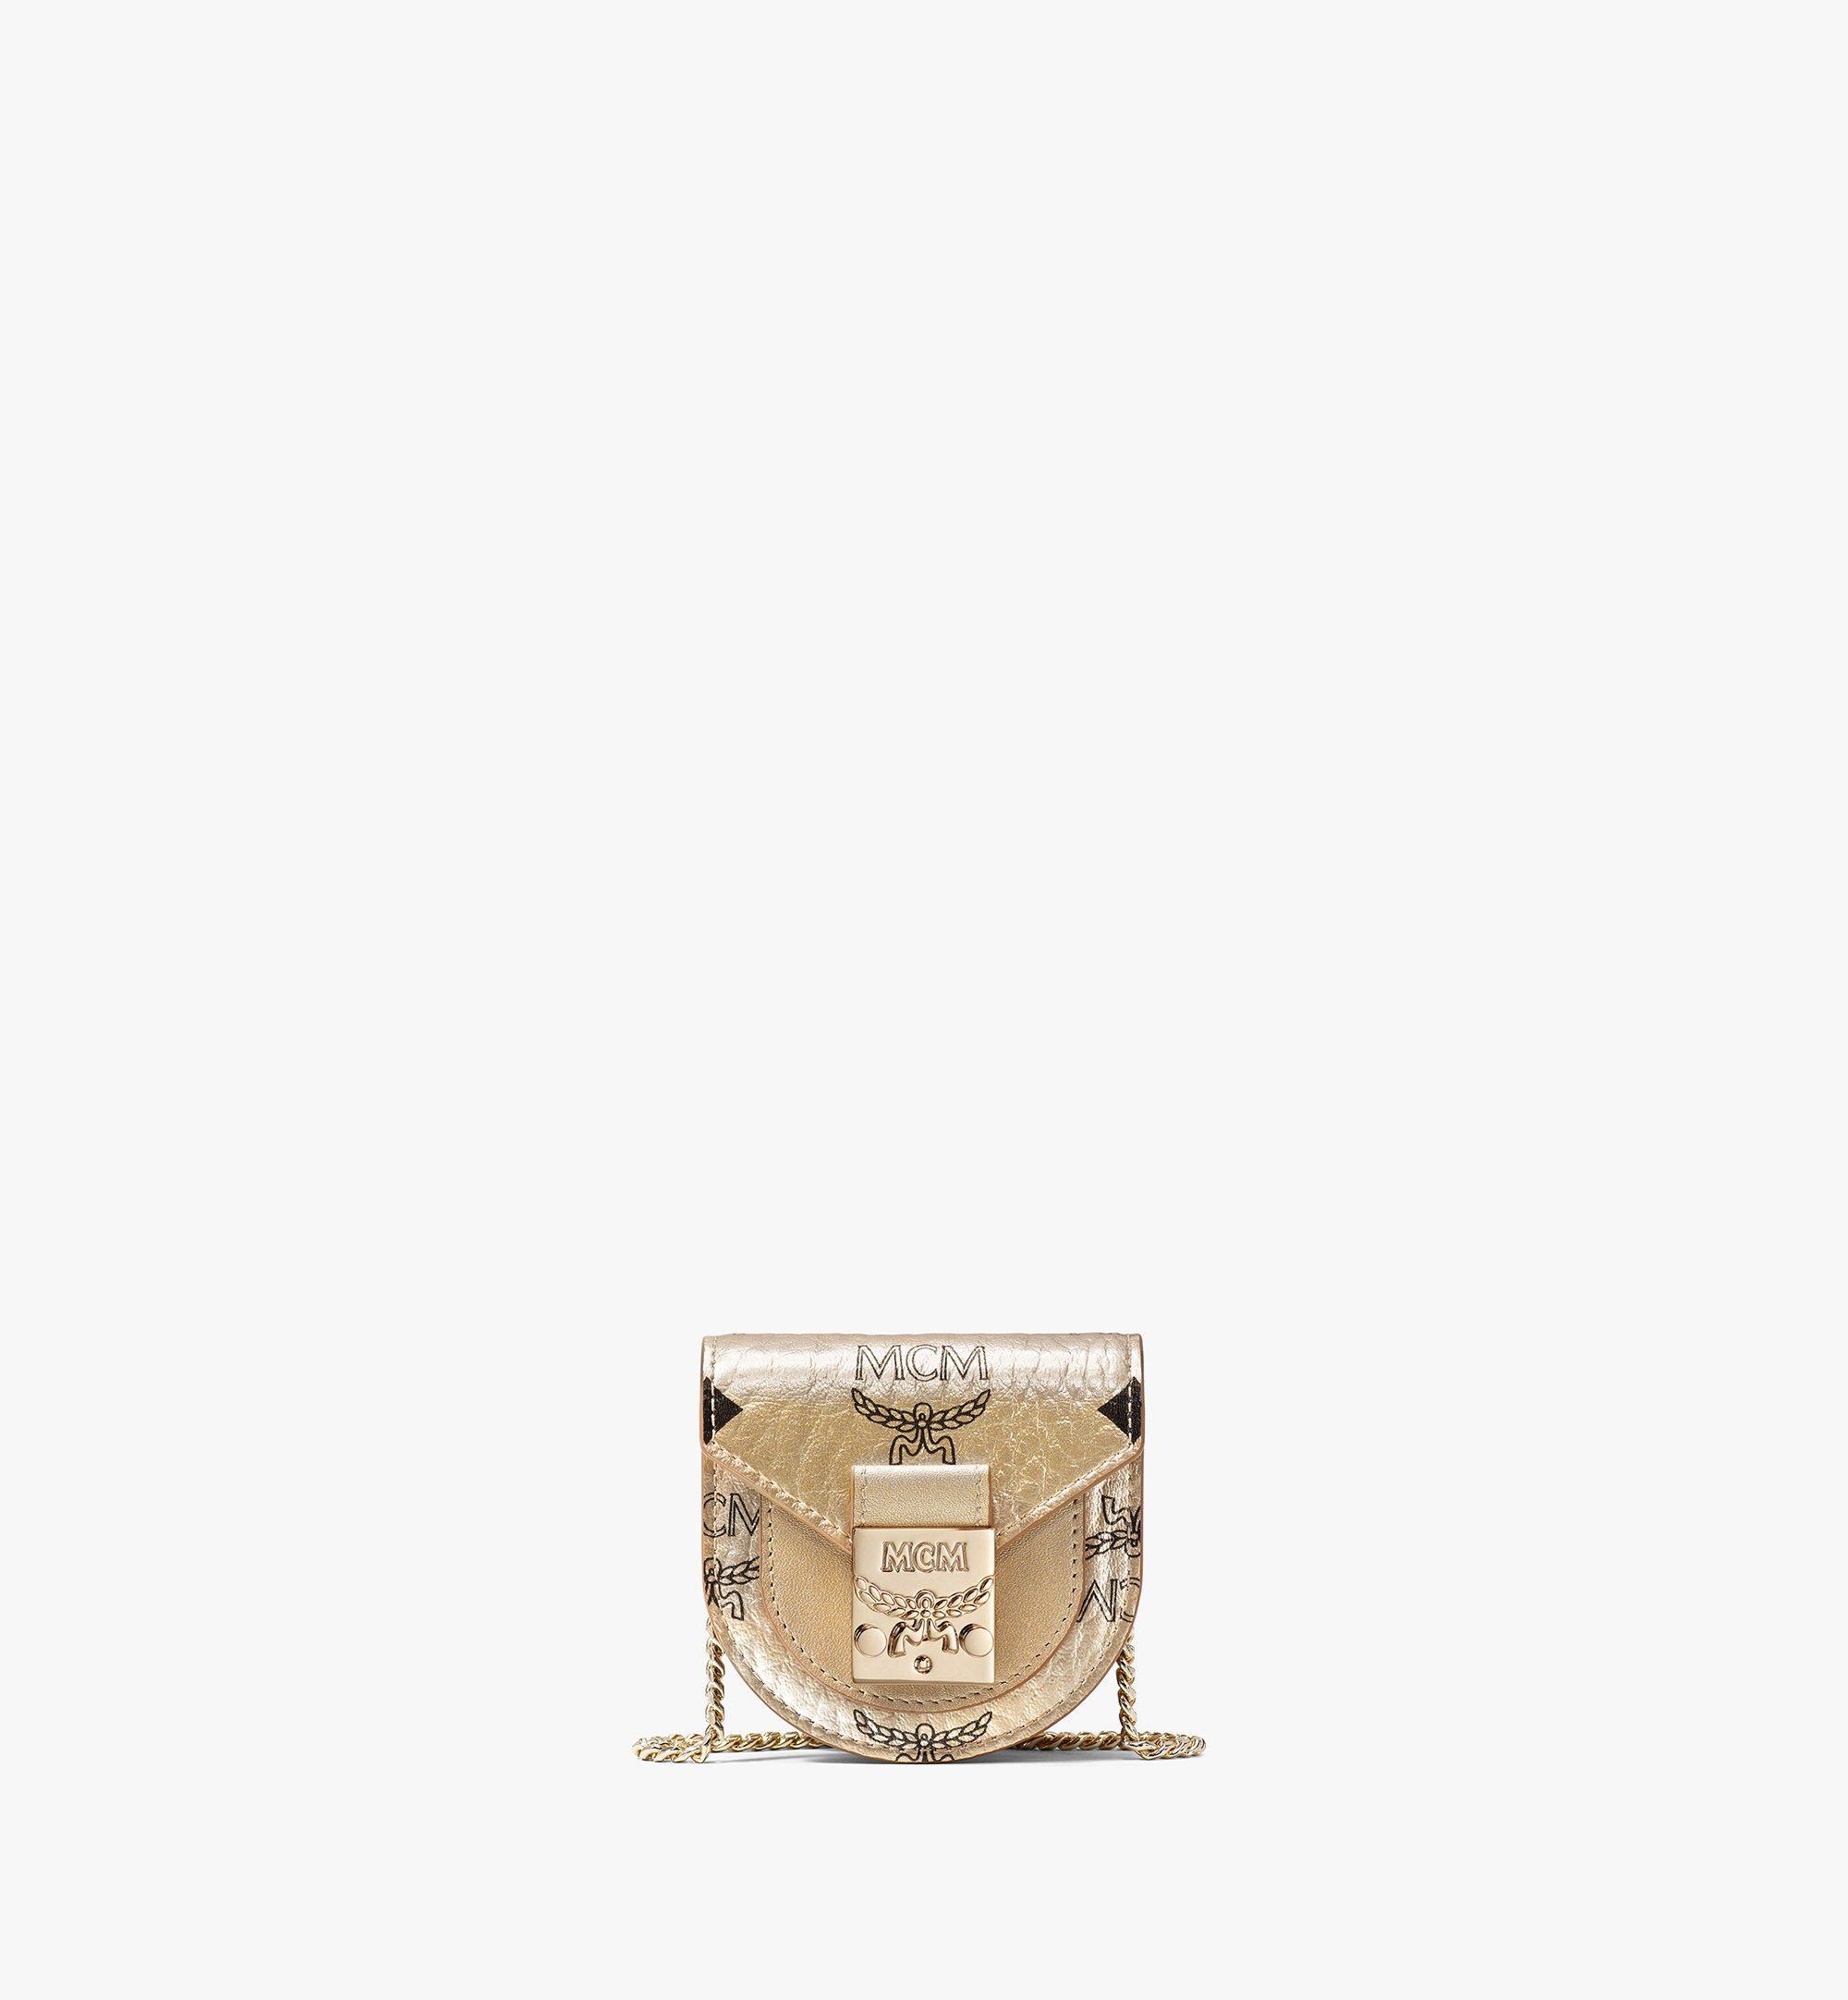 MCM Patricia Visetos手袋 Gold MEJAAMM01T1001 更多视角 1